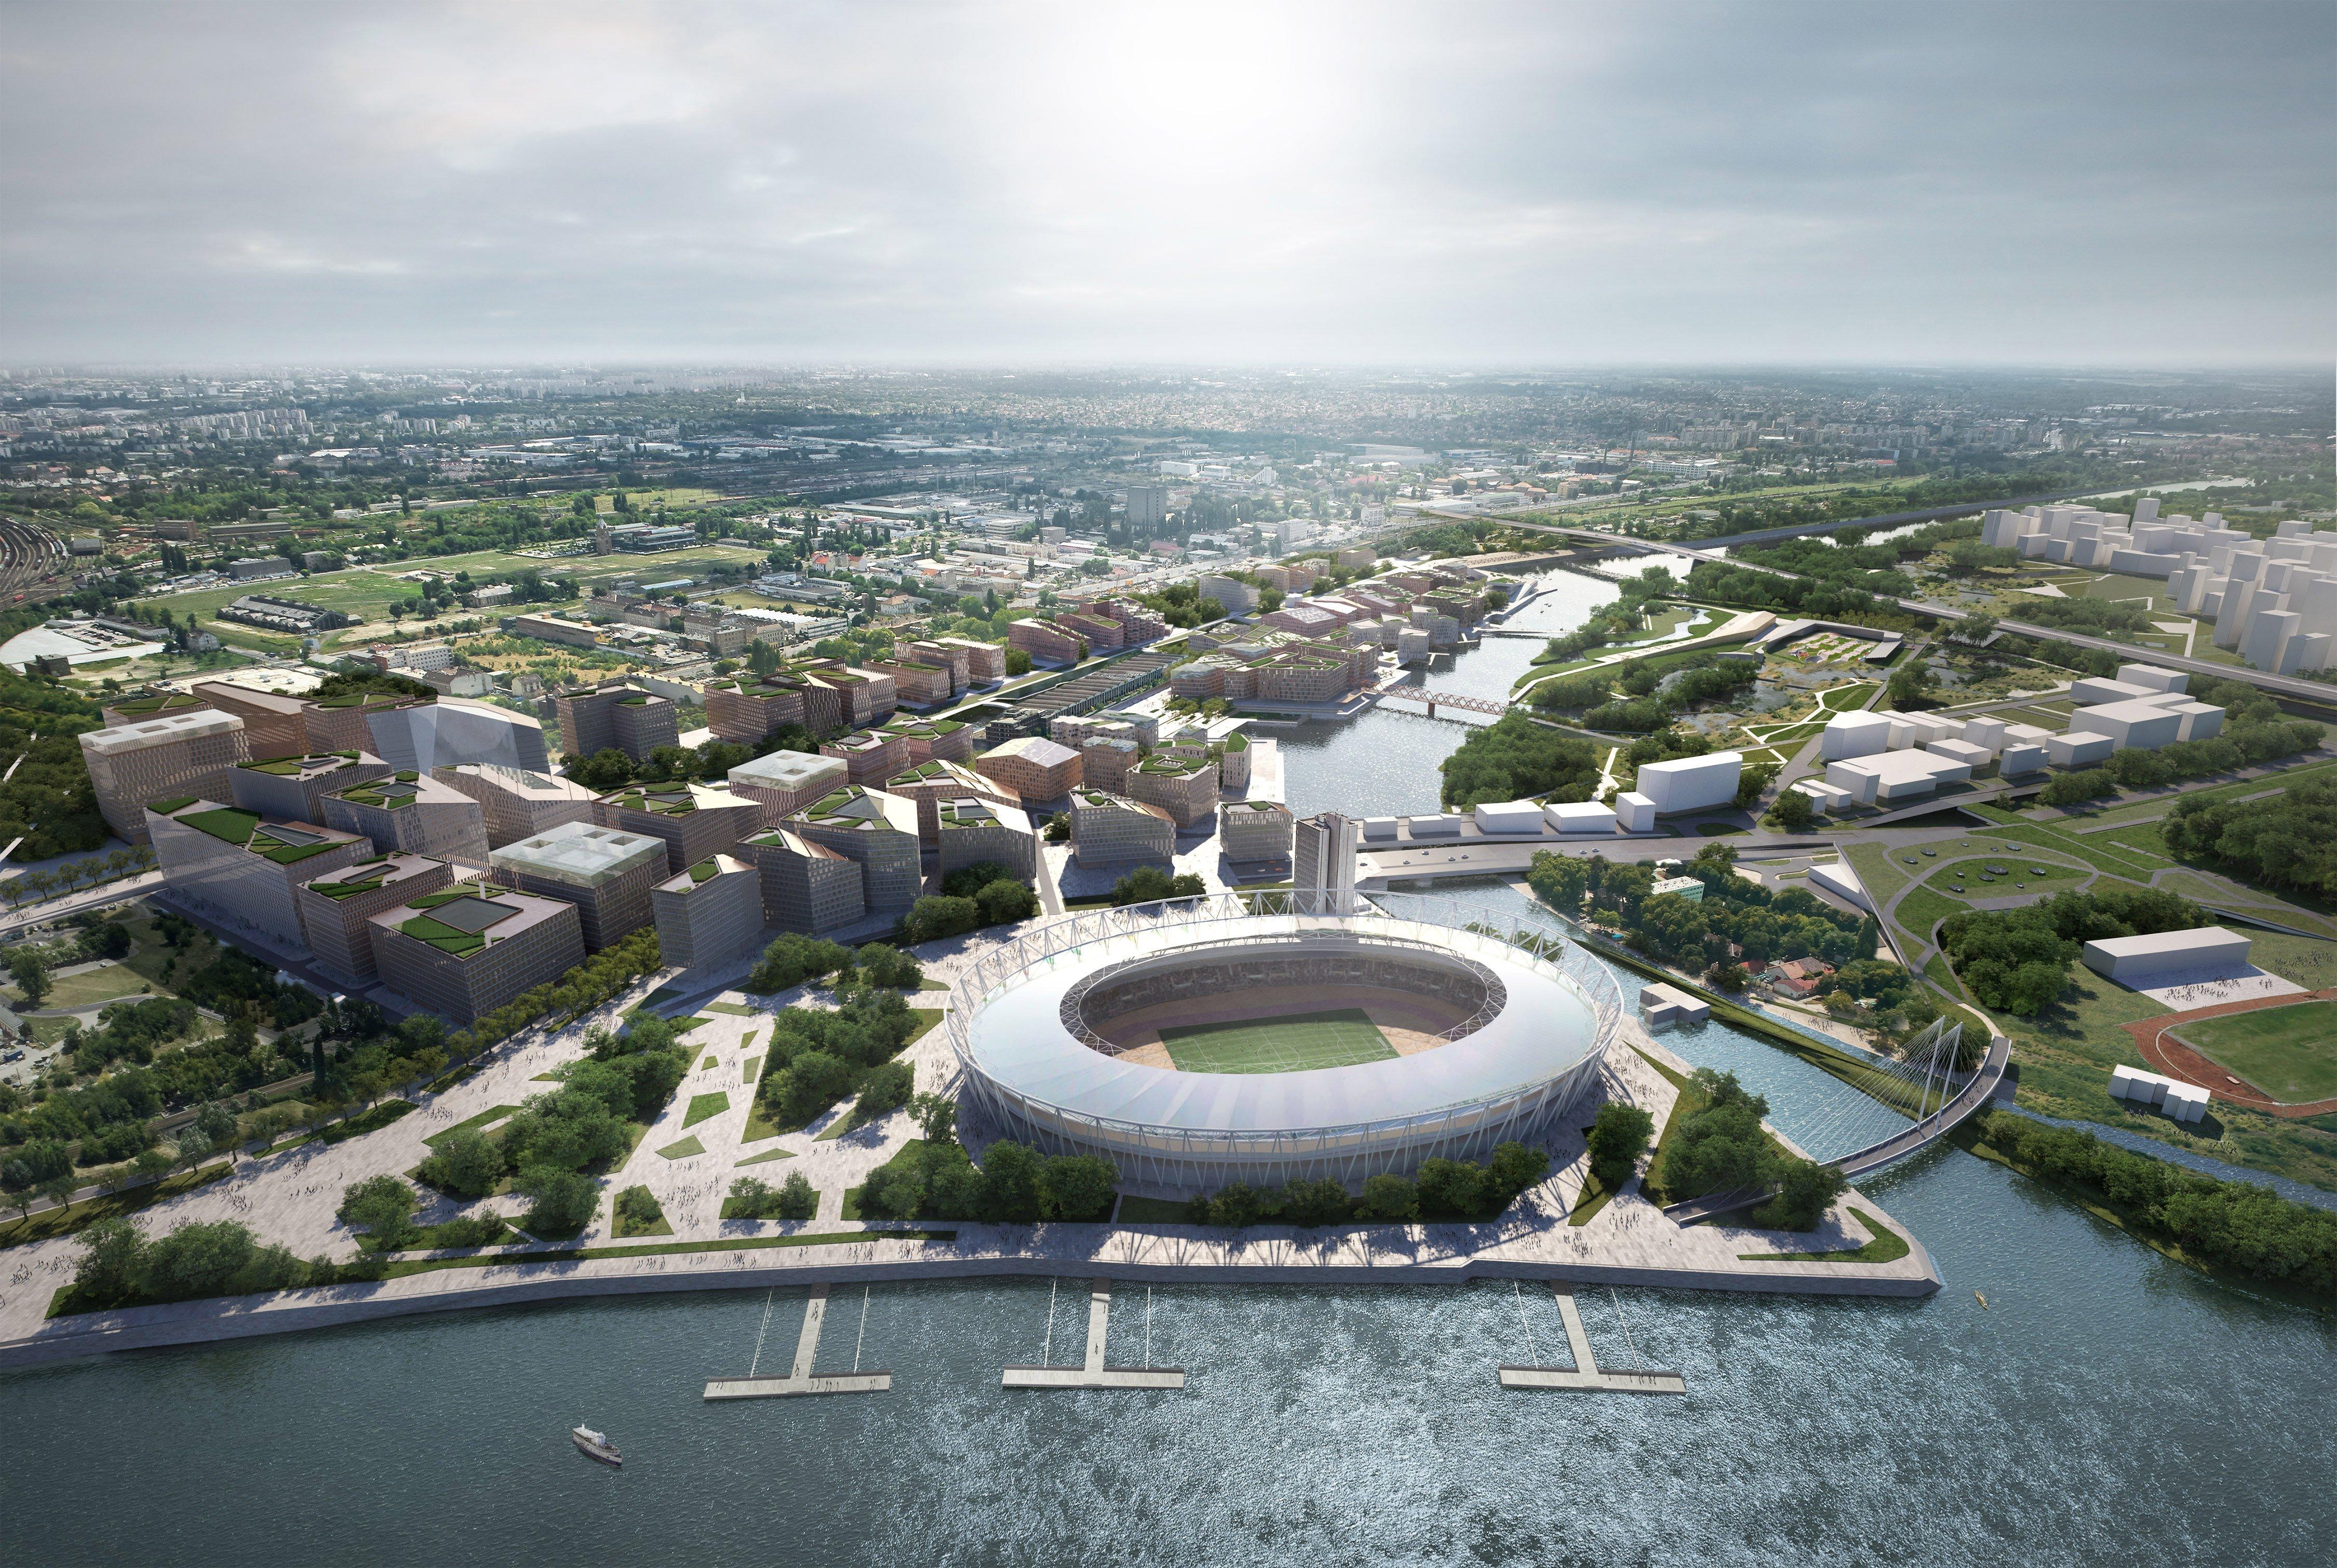 A Momentum és Hadházyék országos népszavazást kezdeményeznének a 120 milliárdos atlétikai stadionról